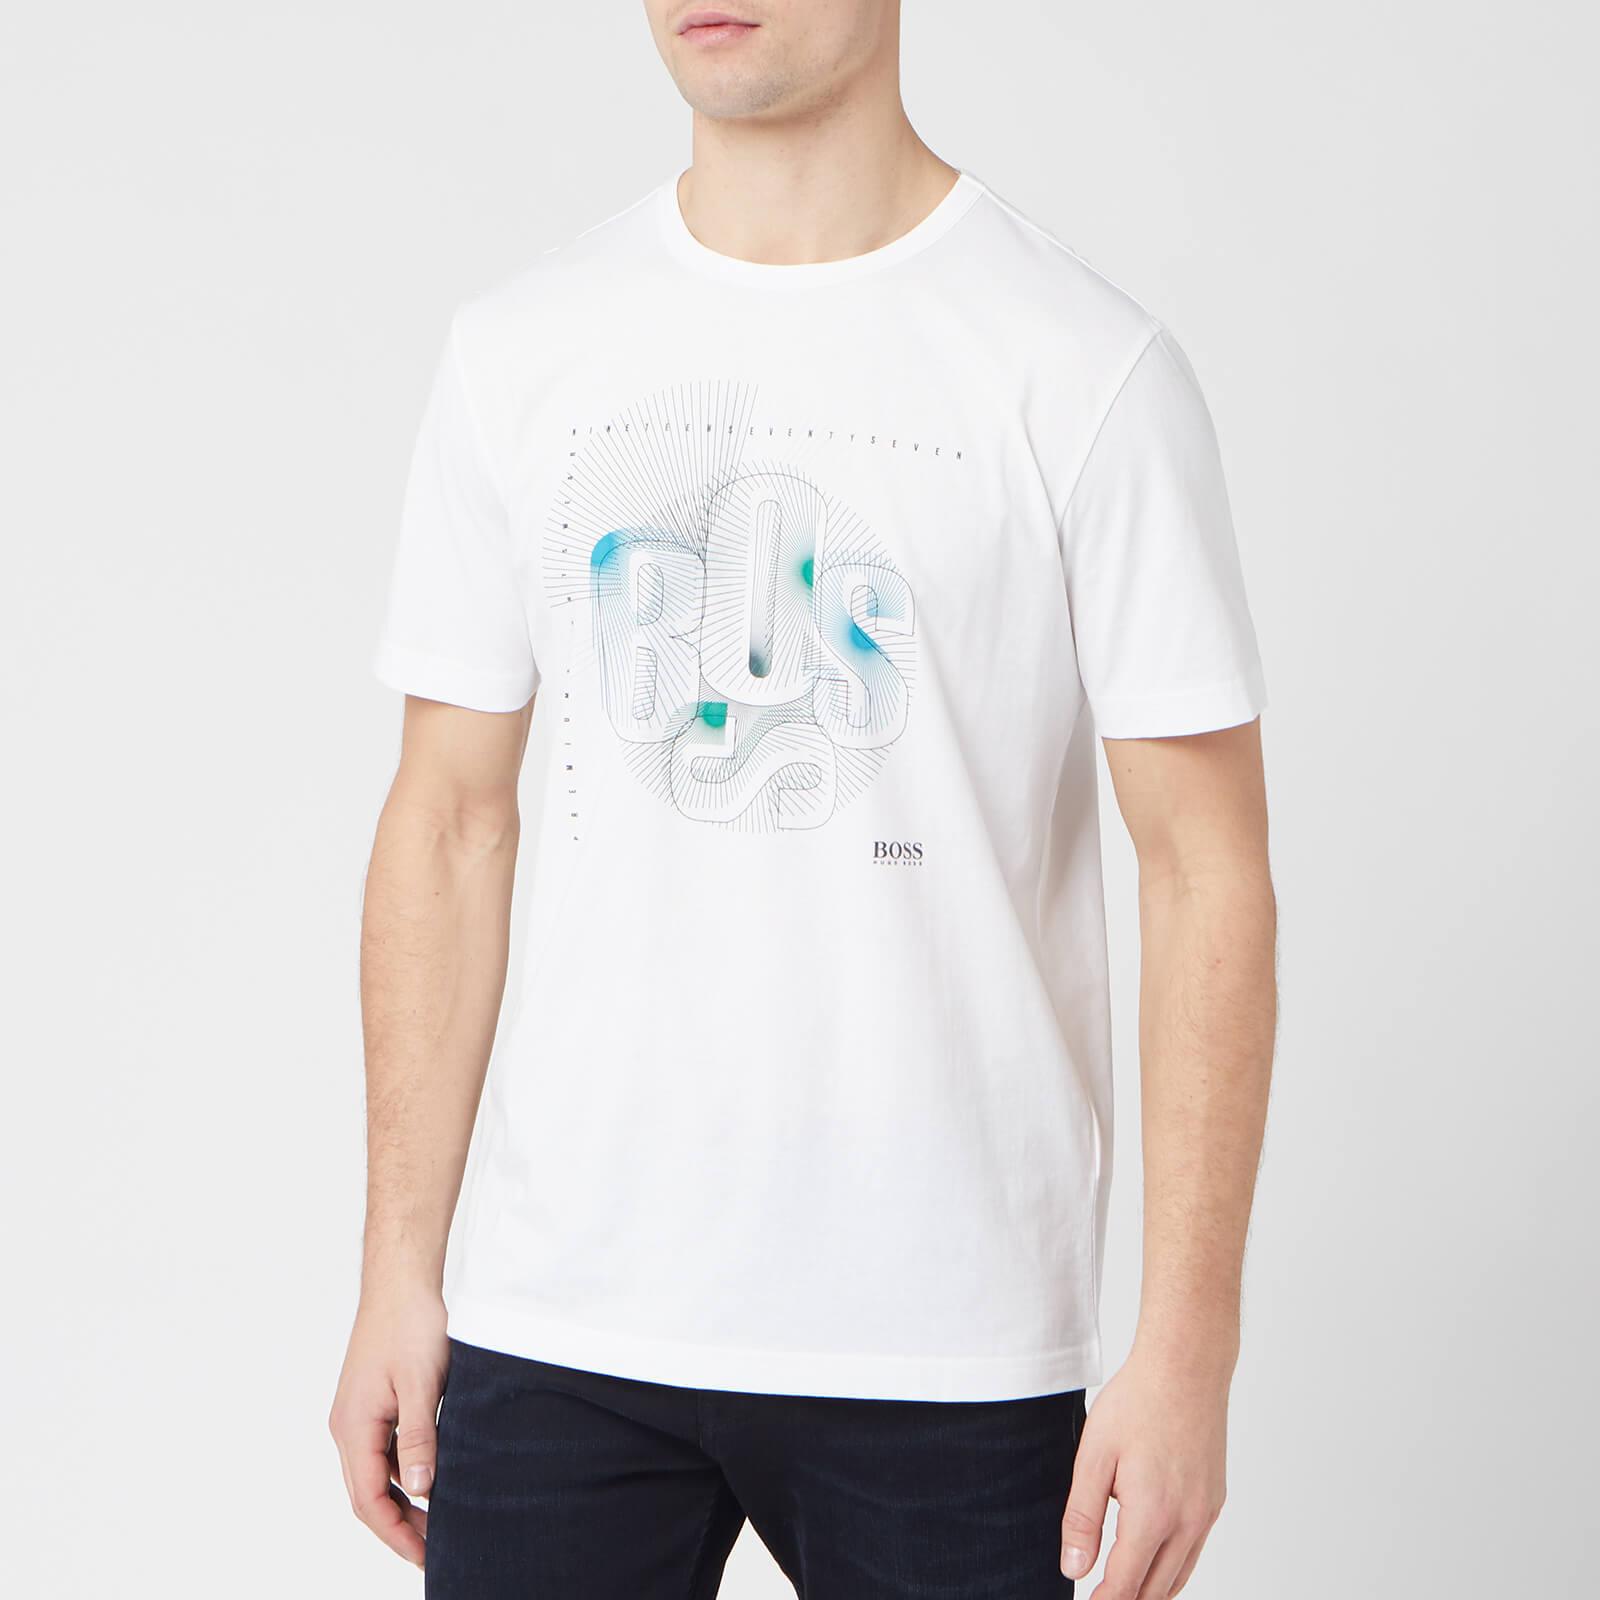 Boss Men's T-Shirt 3 - White - M